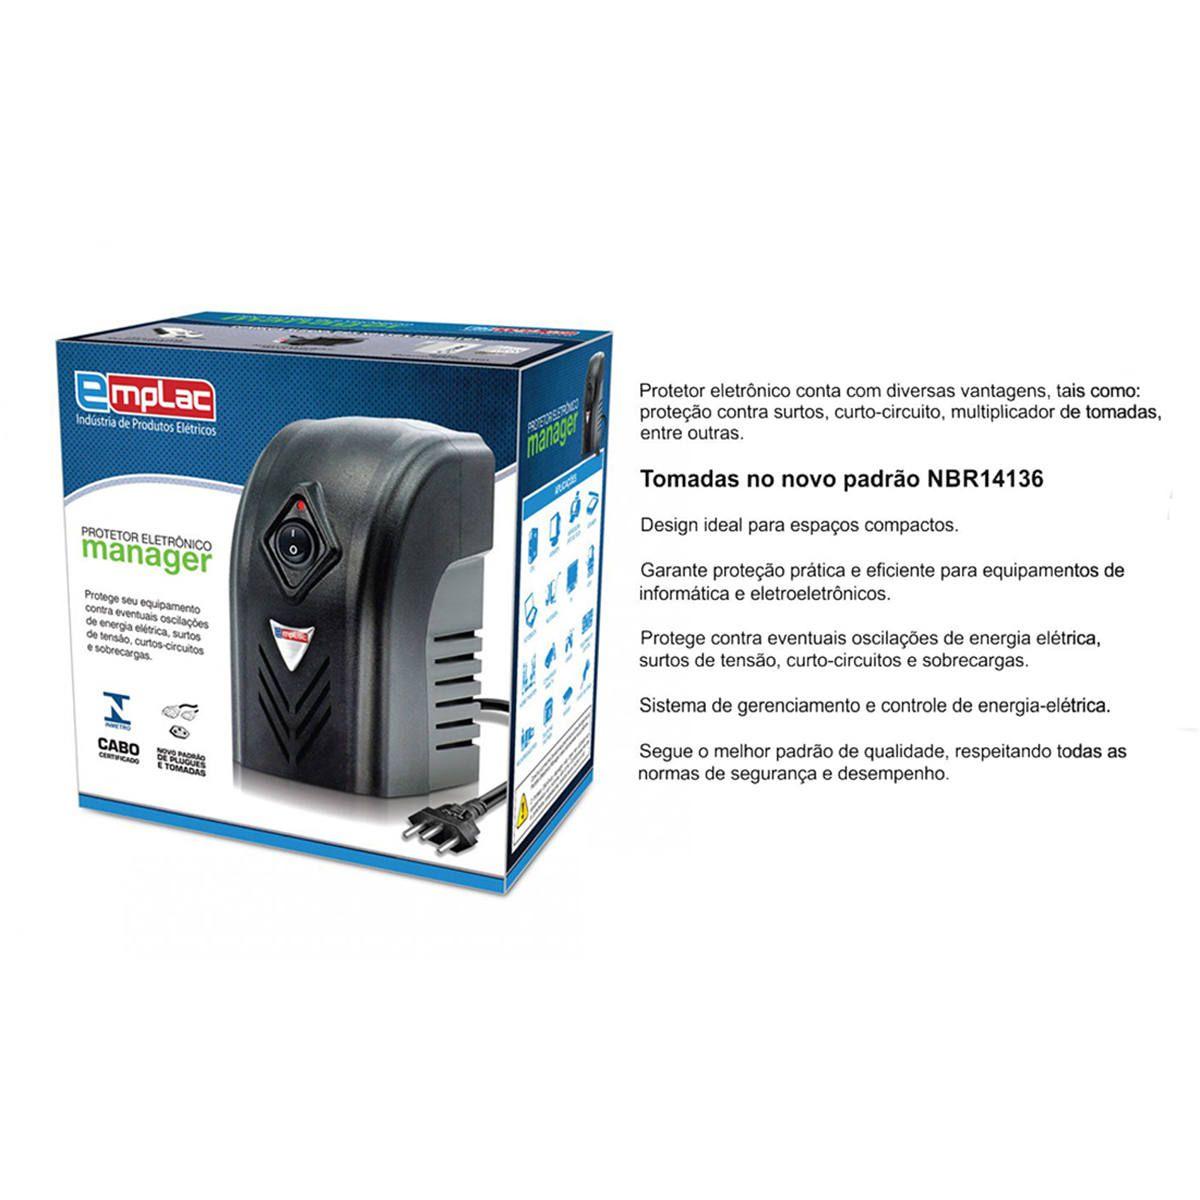 Protetor Eletrônico 500VA 300W Monovolt 127V 4 Tomadas Cabo 1 Metro Certificado Emplac F60000